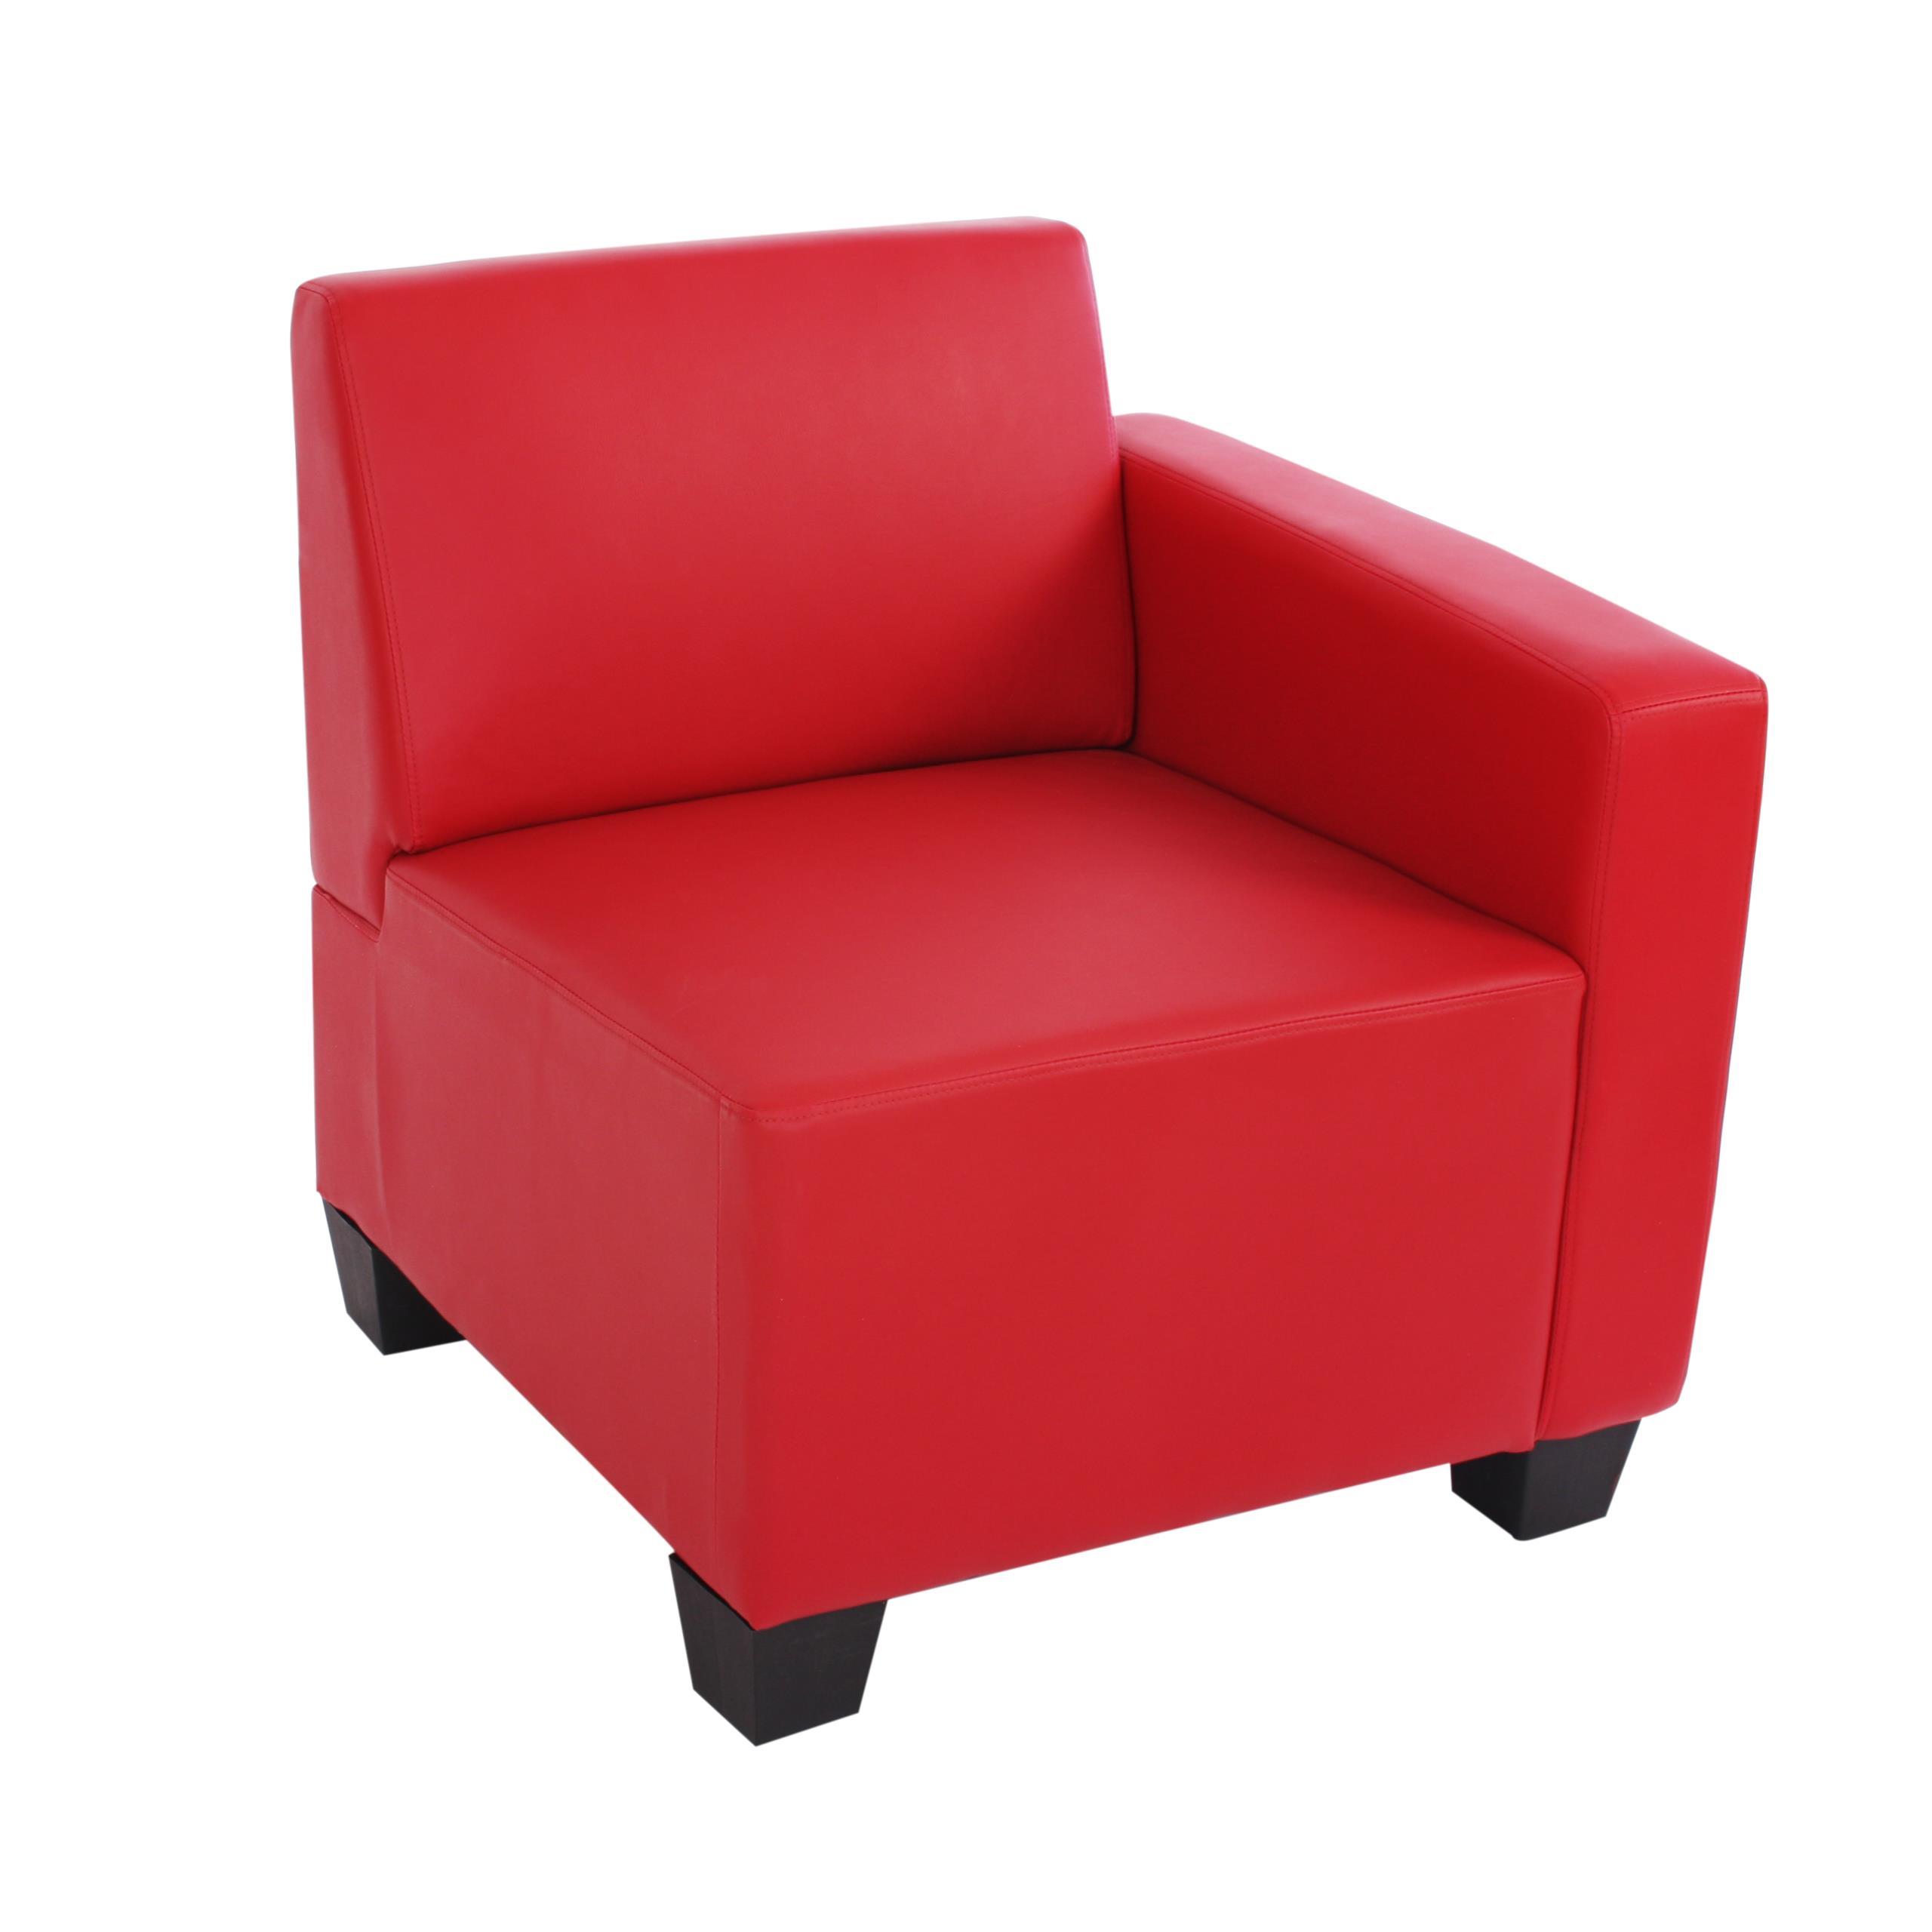 Divano modulare 2 posti lyon design moderno comodo in similpelle rossa divano modulare 2 - Divano in pelle rosso ...